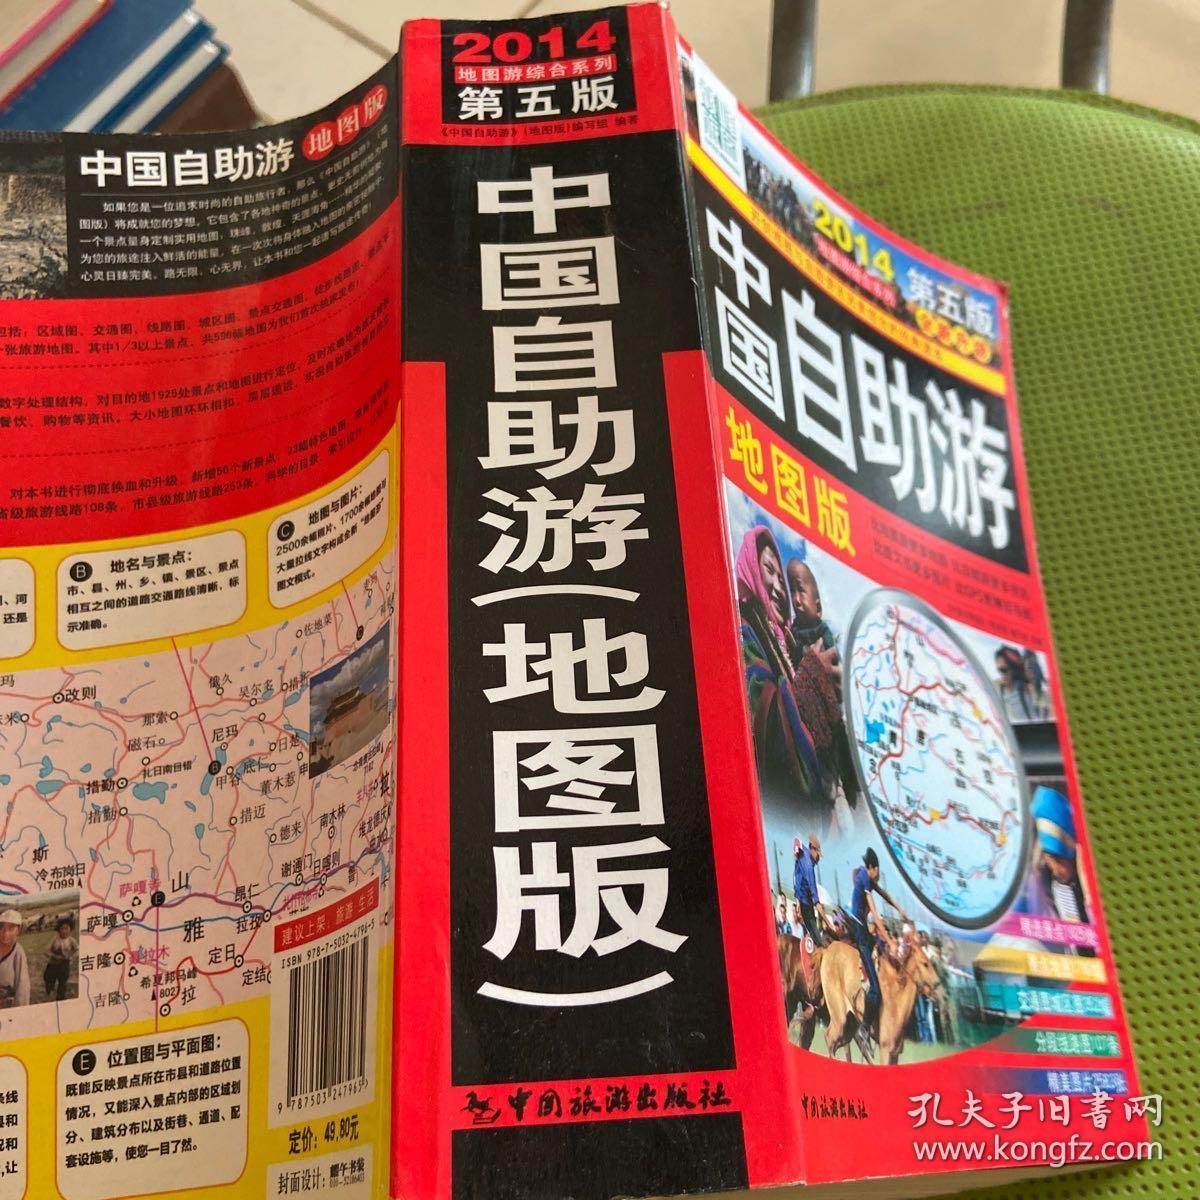 2014第五版中国自助游